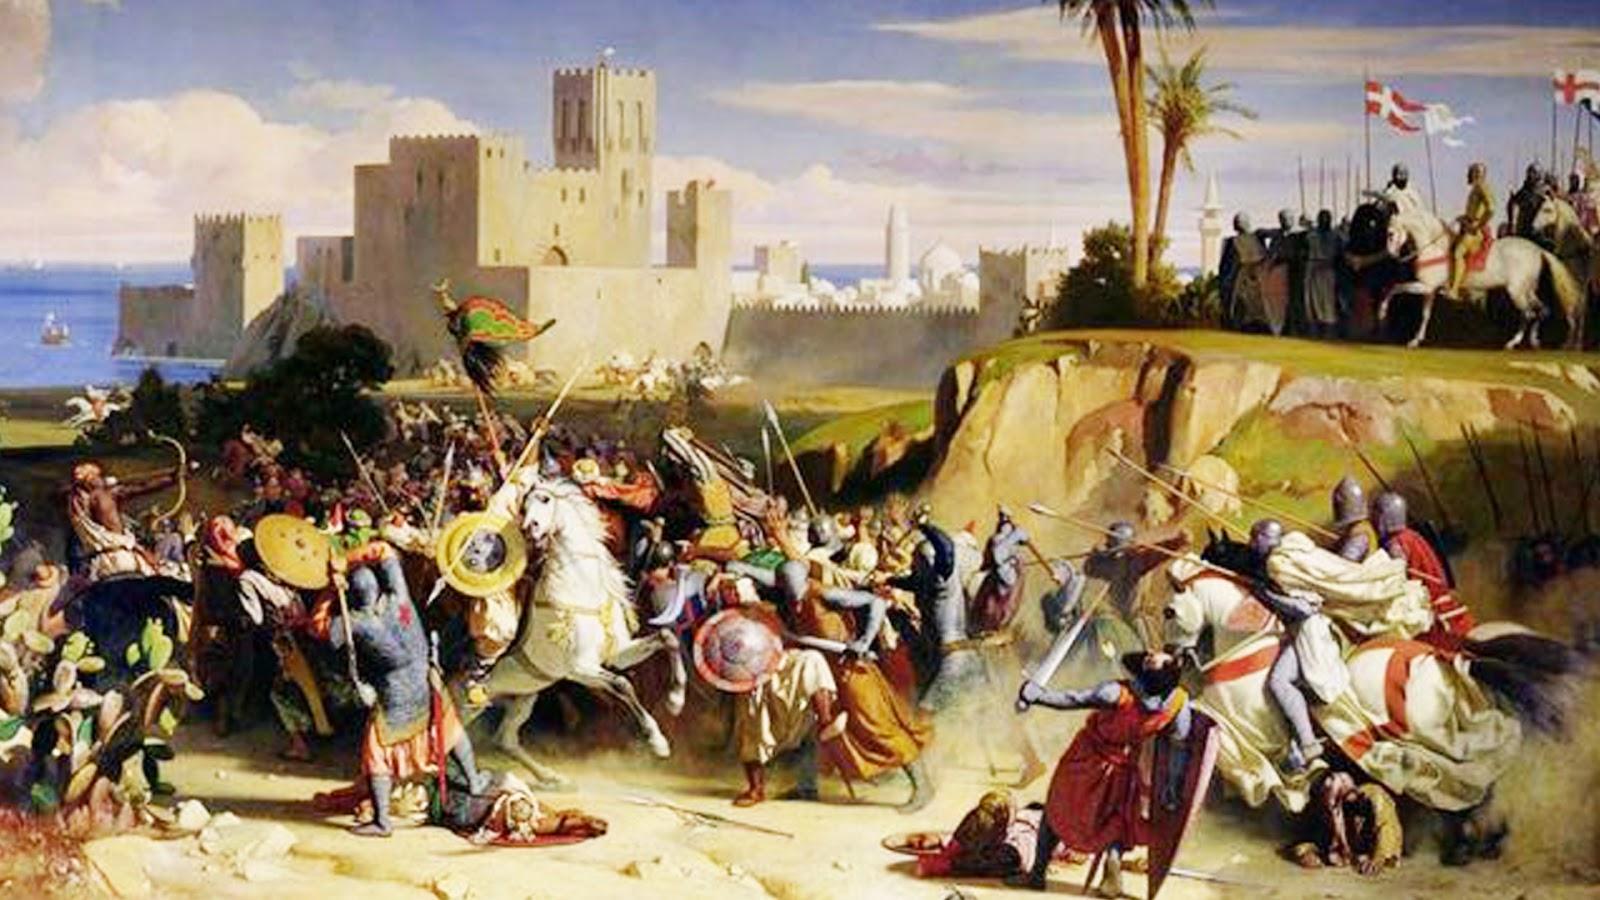 Crusades Historyleaks